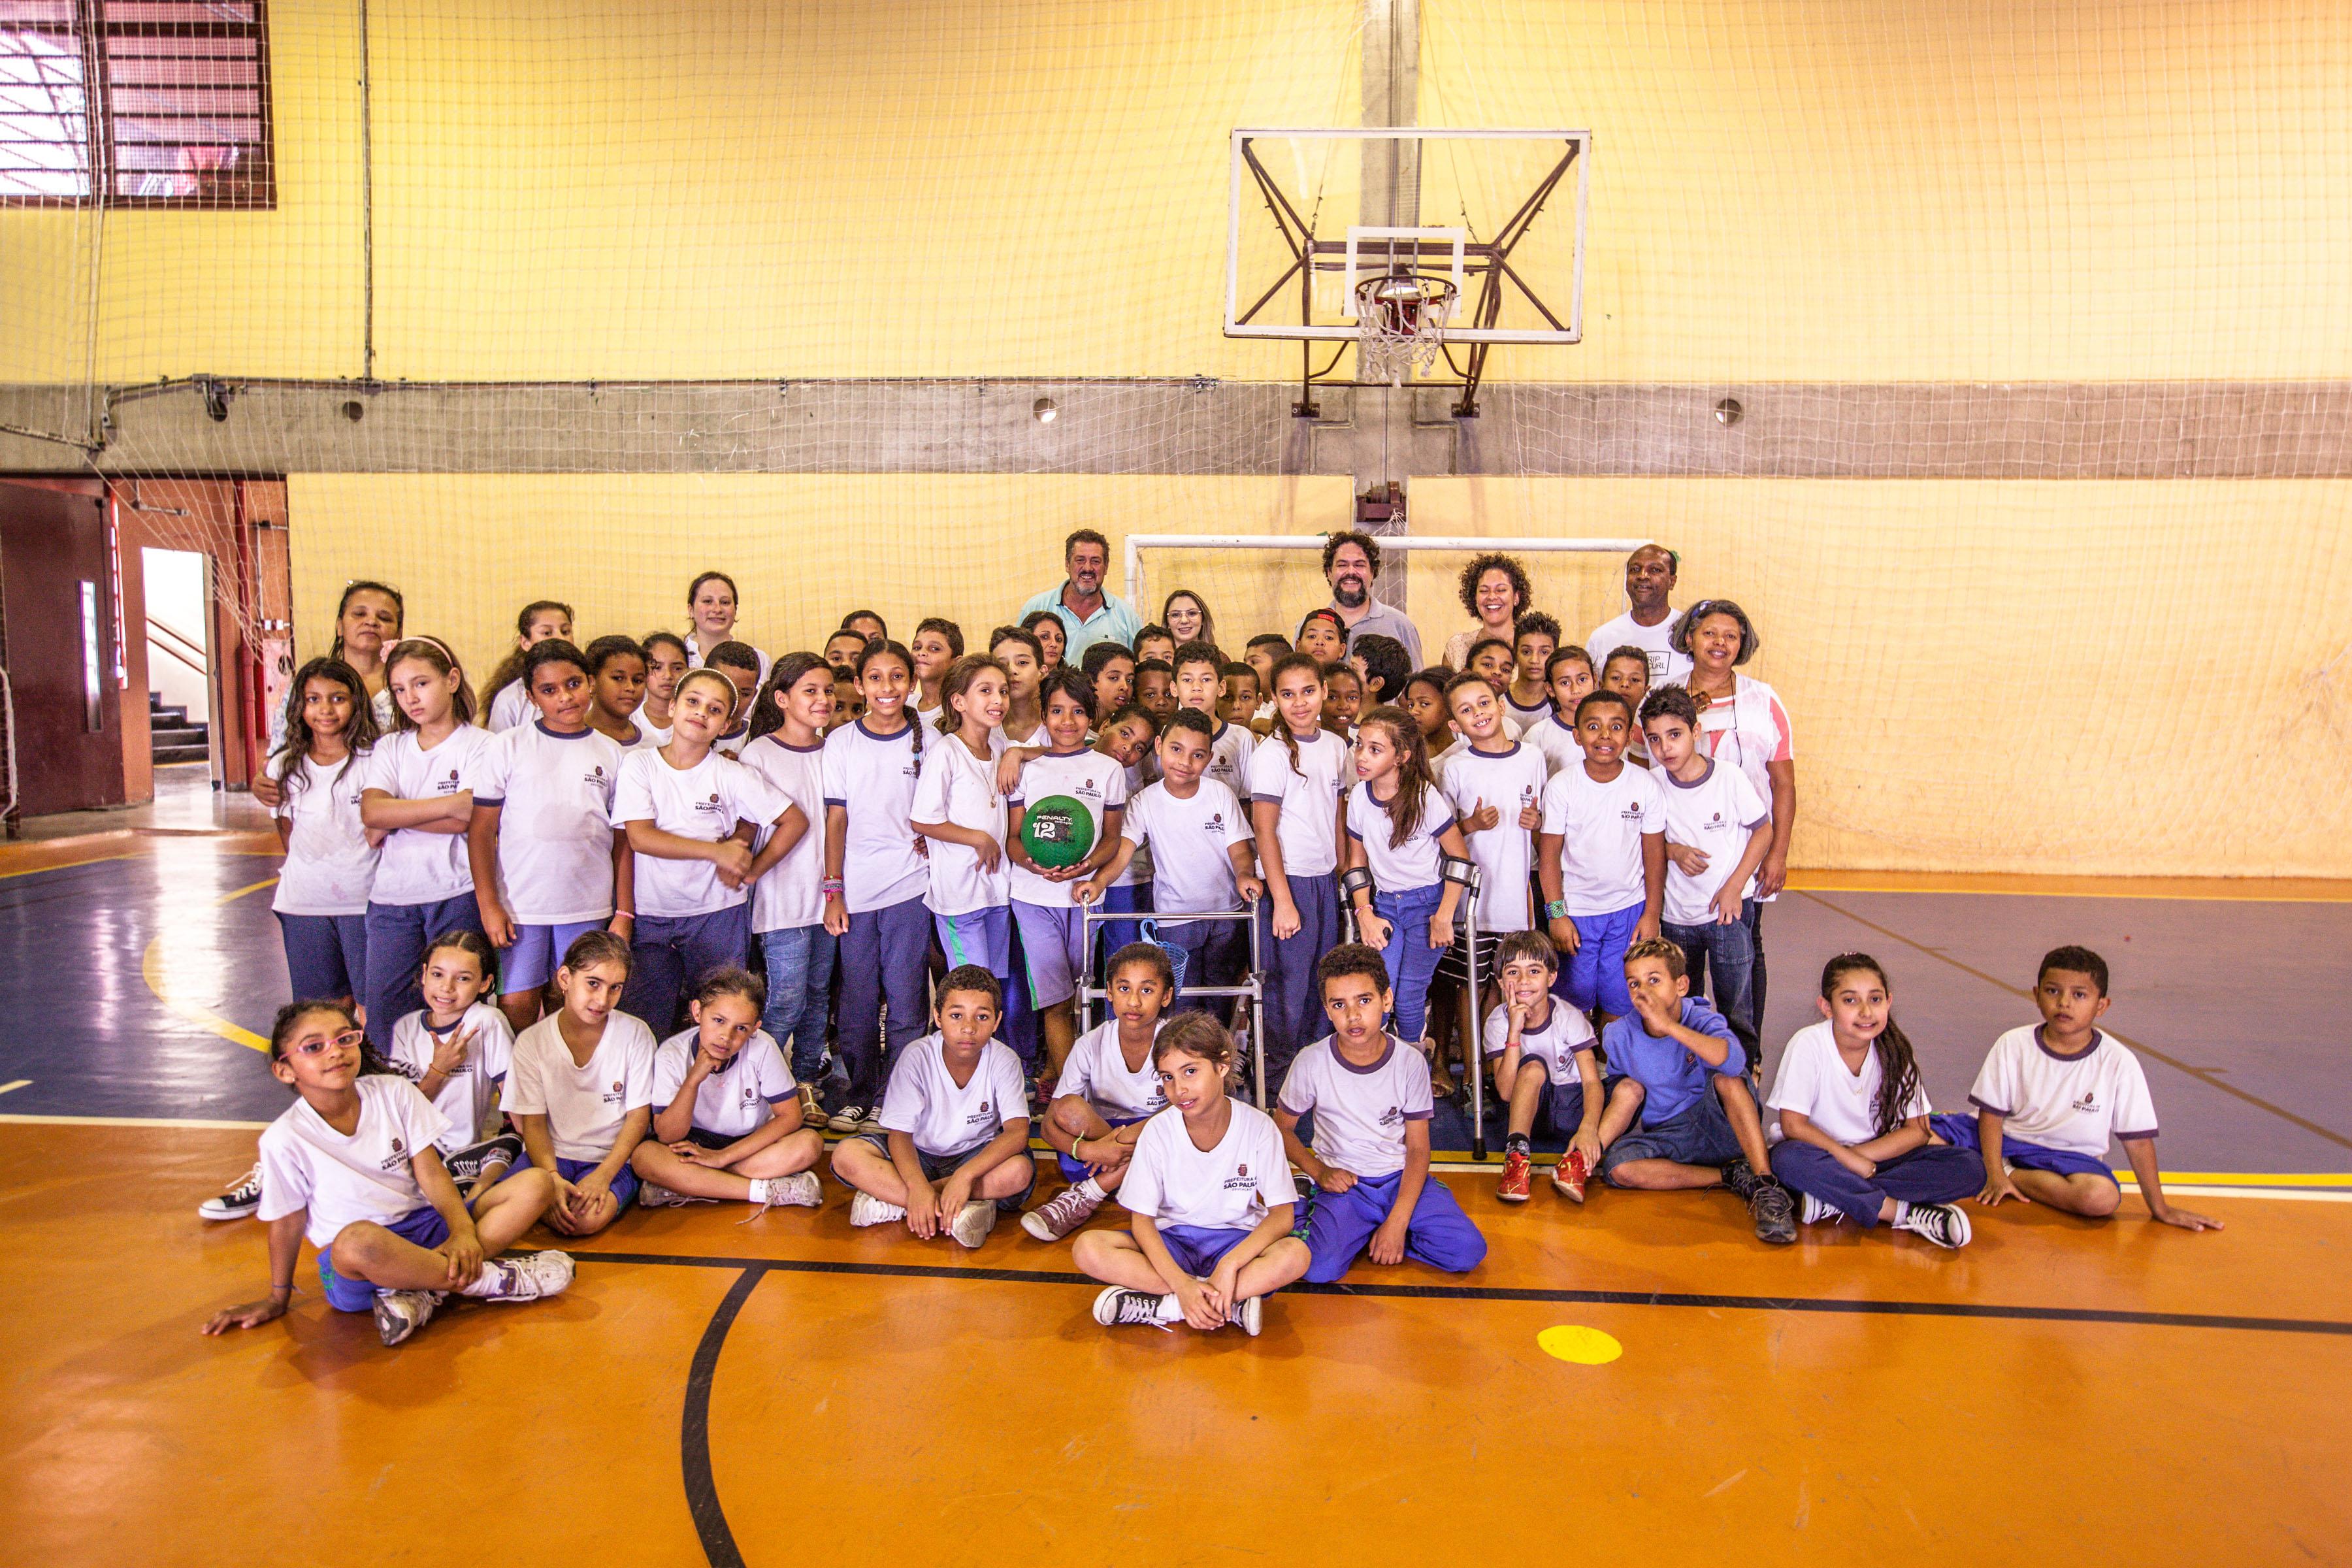 Em quadra poliesportiva, crianças com e sem deficiência e educadores posam para foto. A maioria está enfileirada em pé ao fundo, enquanto outras crianças estão sentadas no chão e em frente ao grupo.